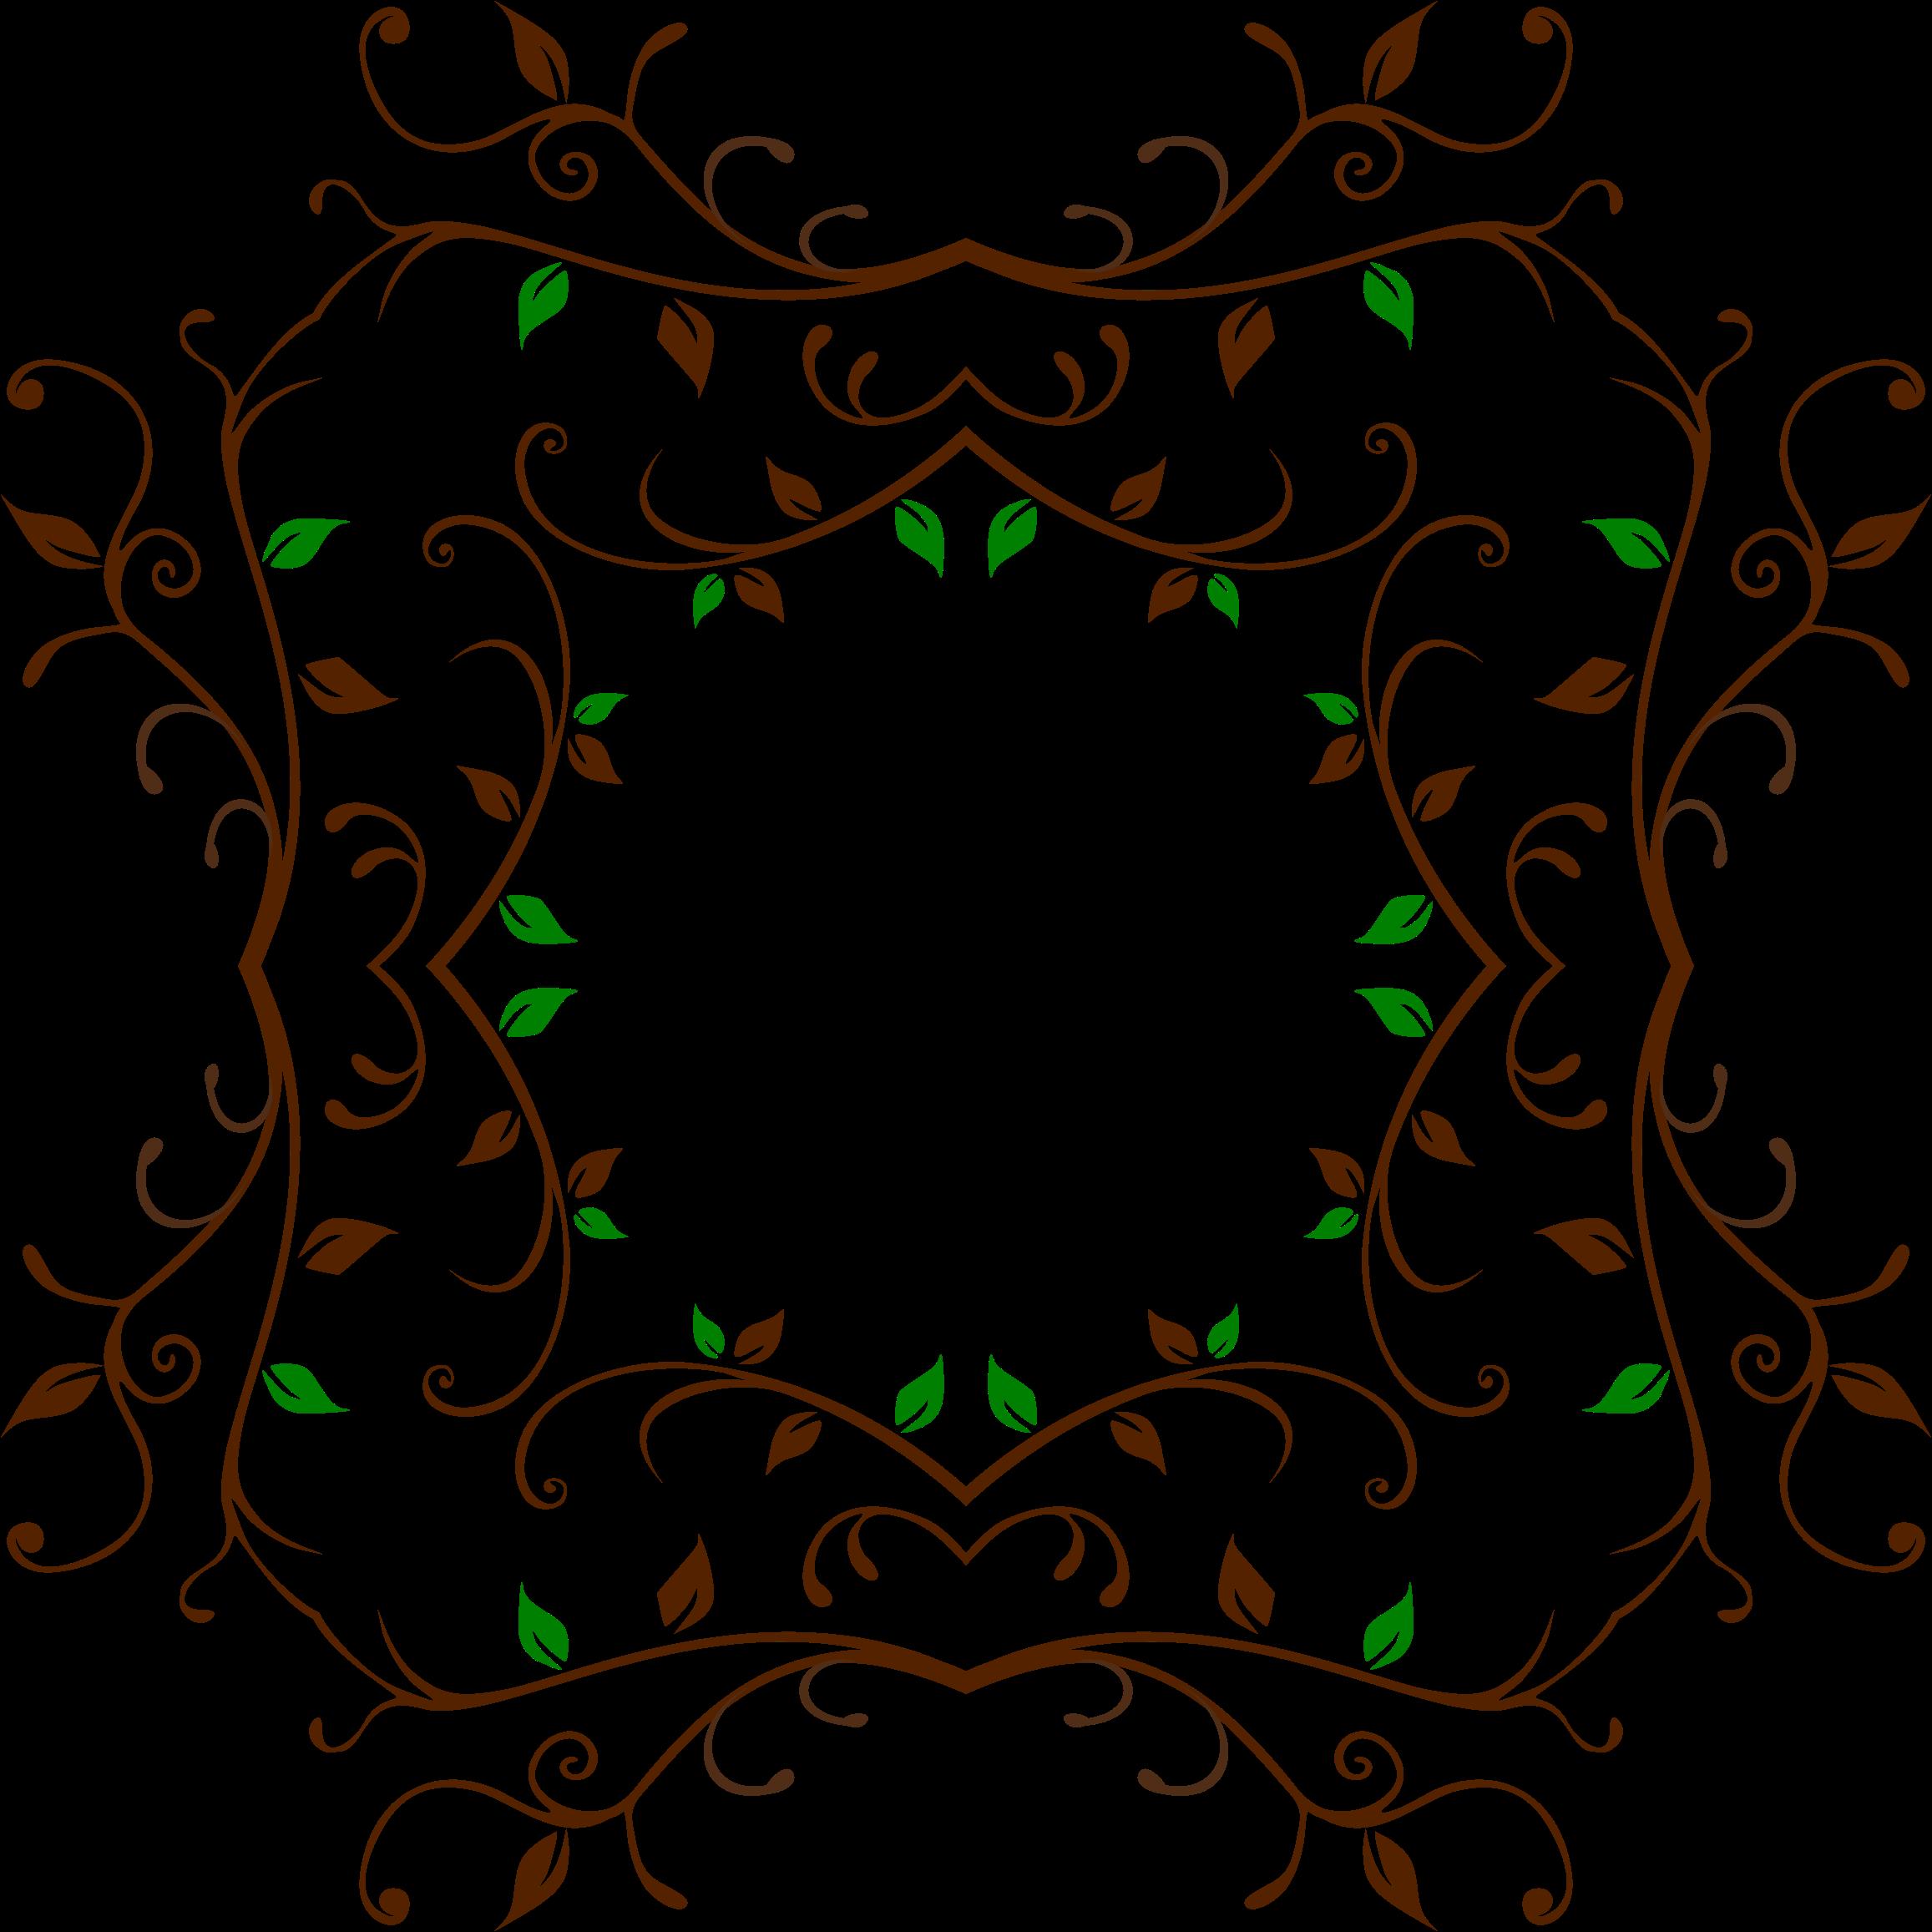 Vine frame png. Clipart leafy big image